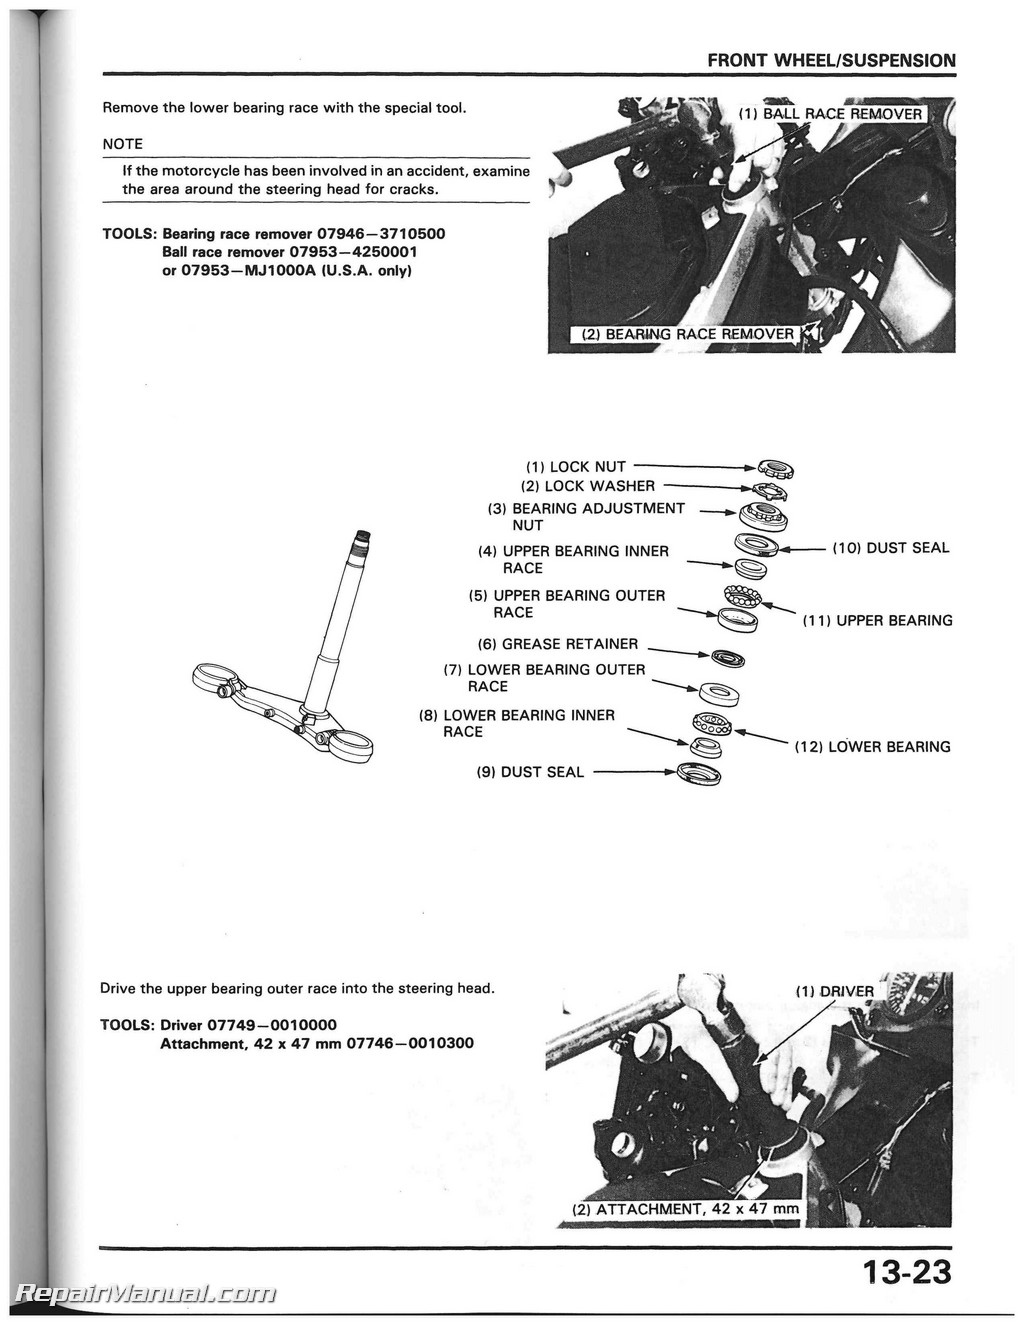 1985 honda magna v45 owners manual